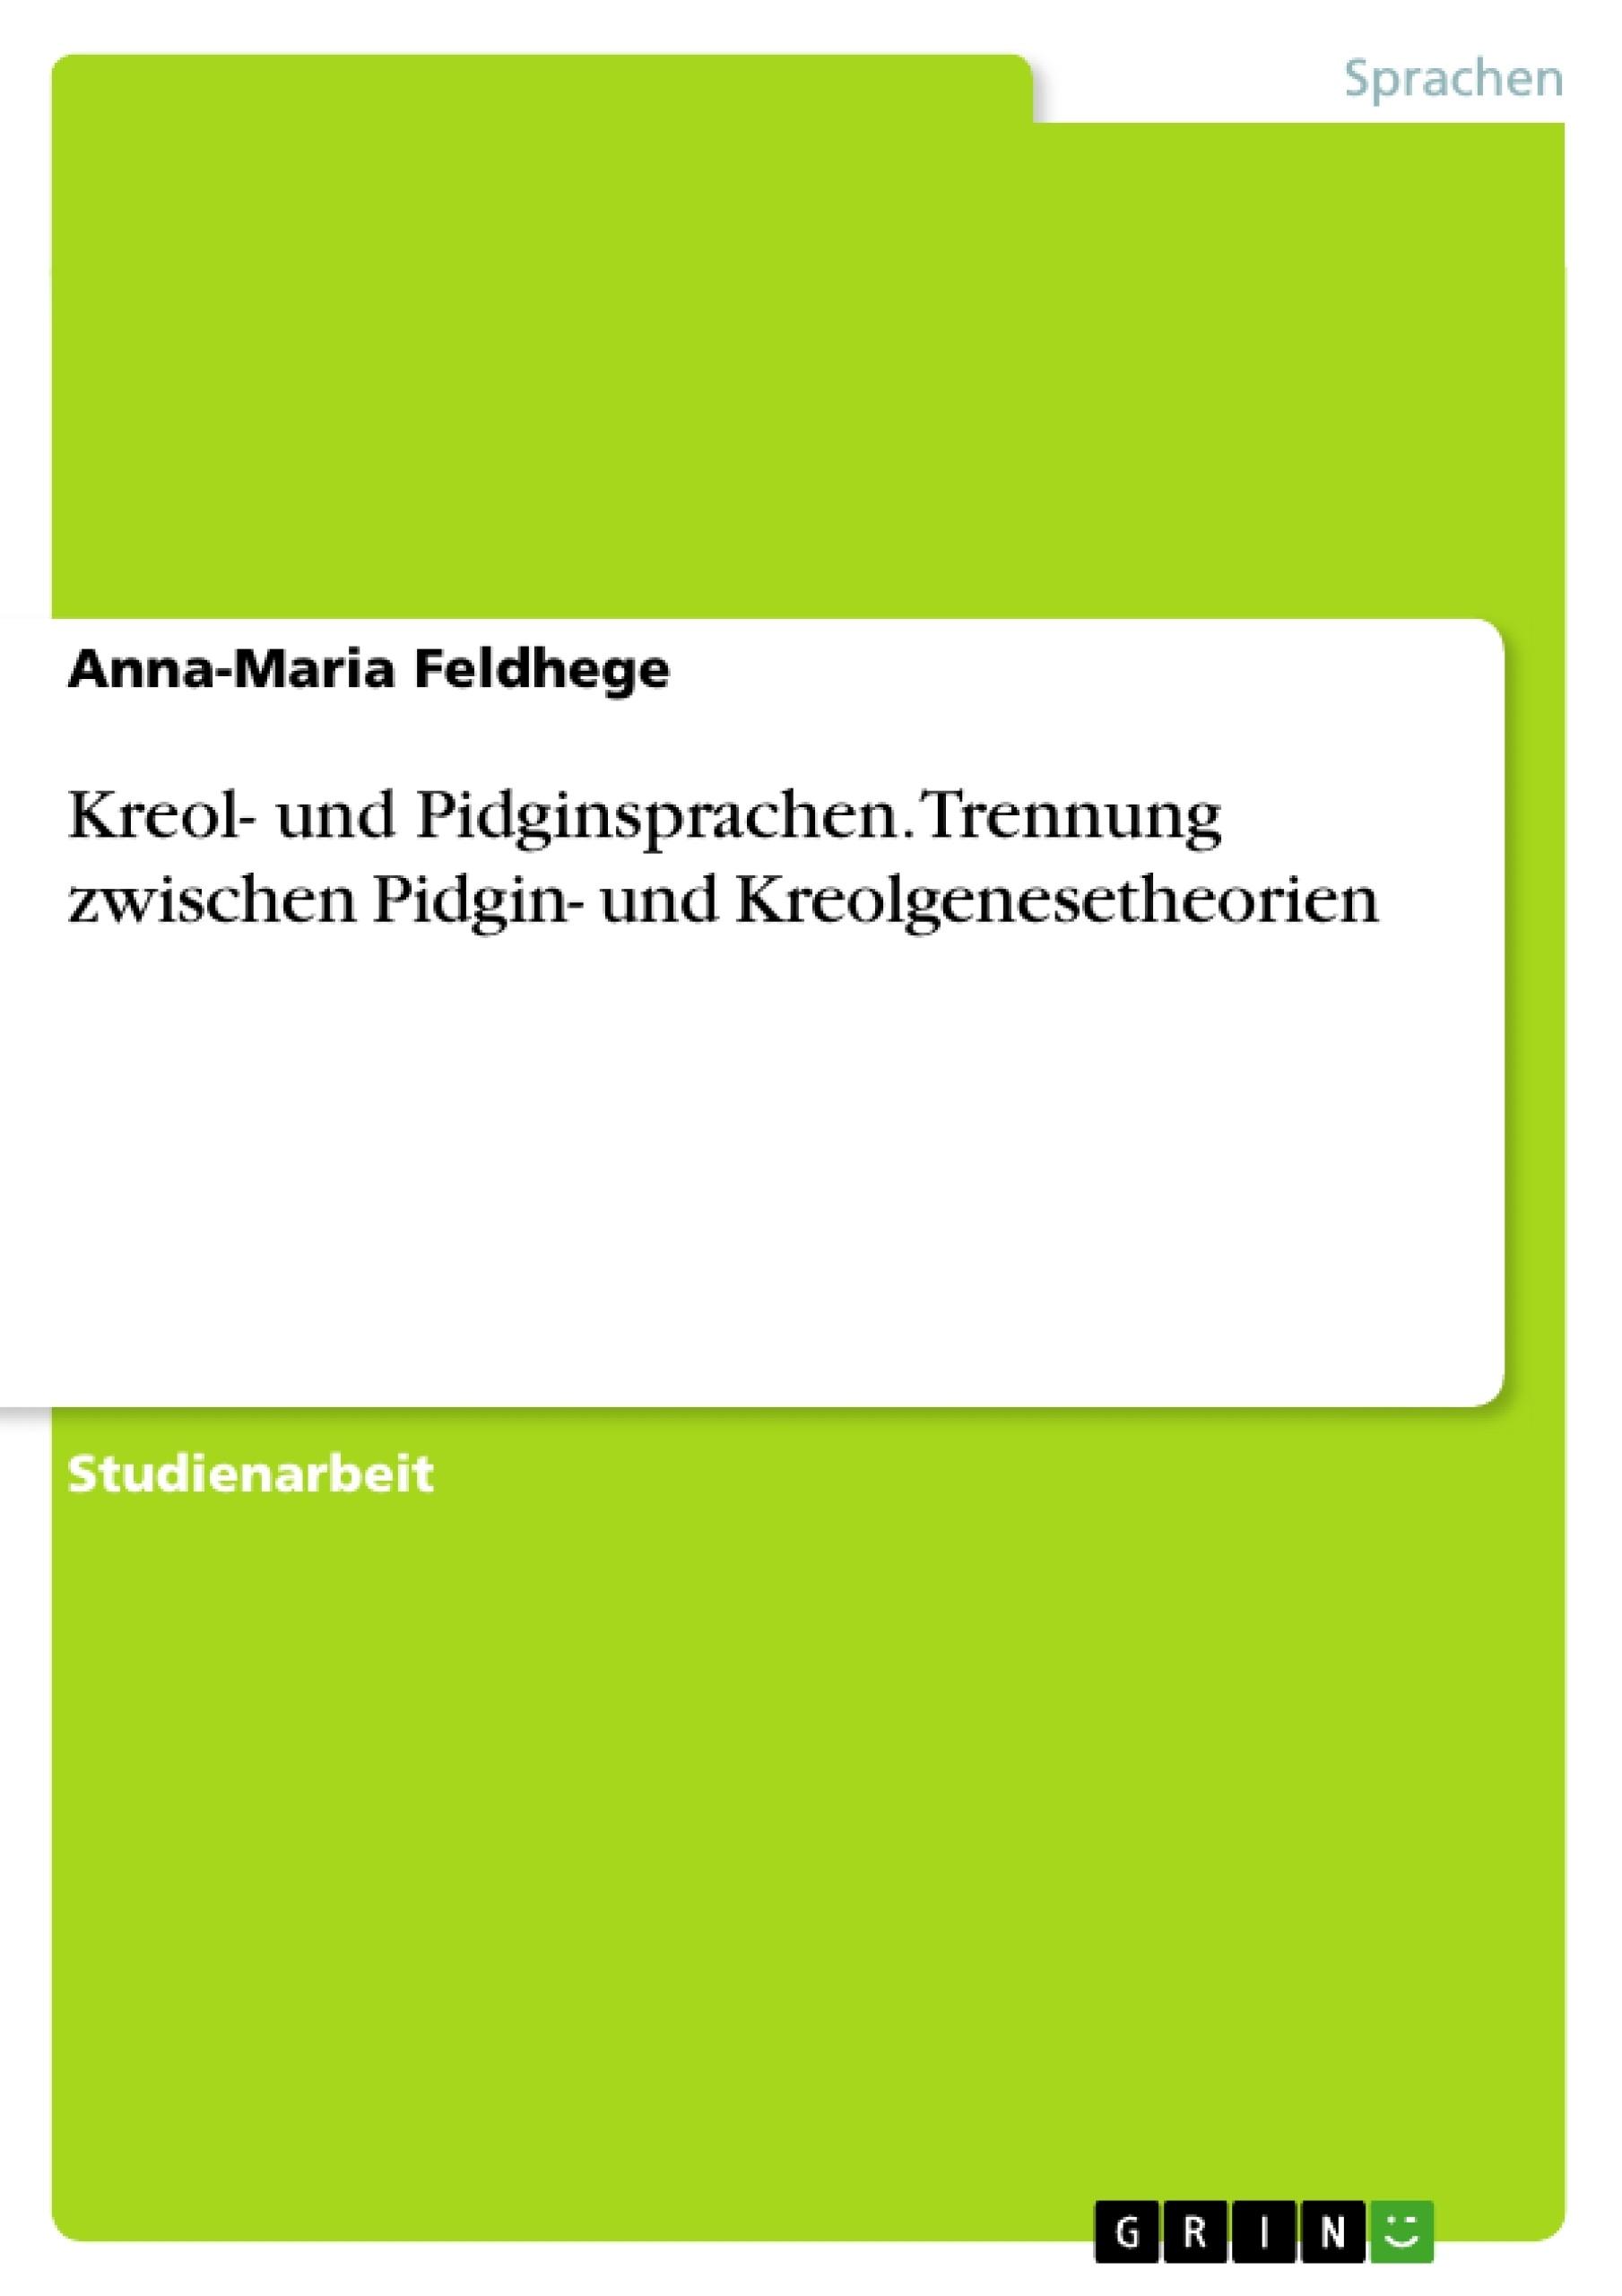 Titel: Kreol- und Pidginsprachen. Trennung zwischen Pidgin- und Kreolgenesetheorien